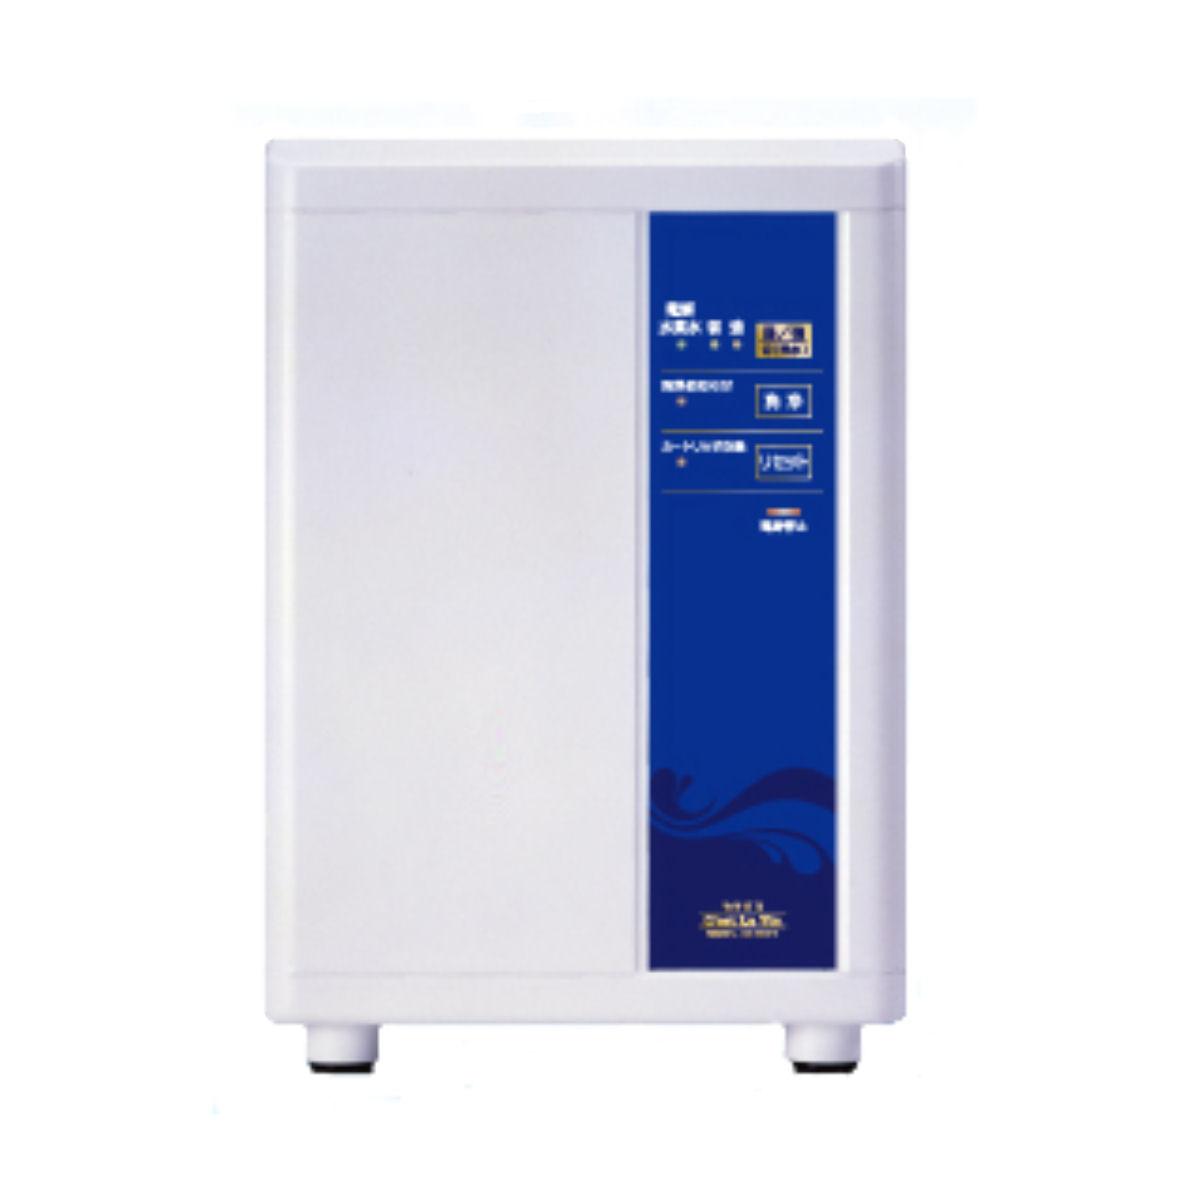 コロナ工業 CI-701H 家庭用電解水素水生成器 コロナ工業・浄水器 MODEL セラビ2 MODEL CI-701H, エモーション:161bc7a6 --- sunward.msk.ru